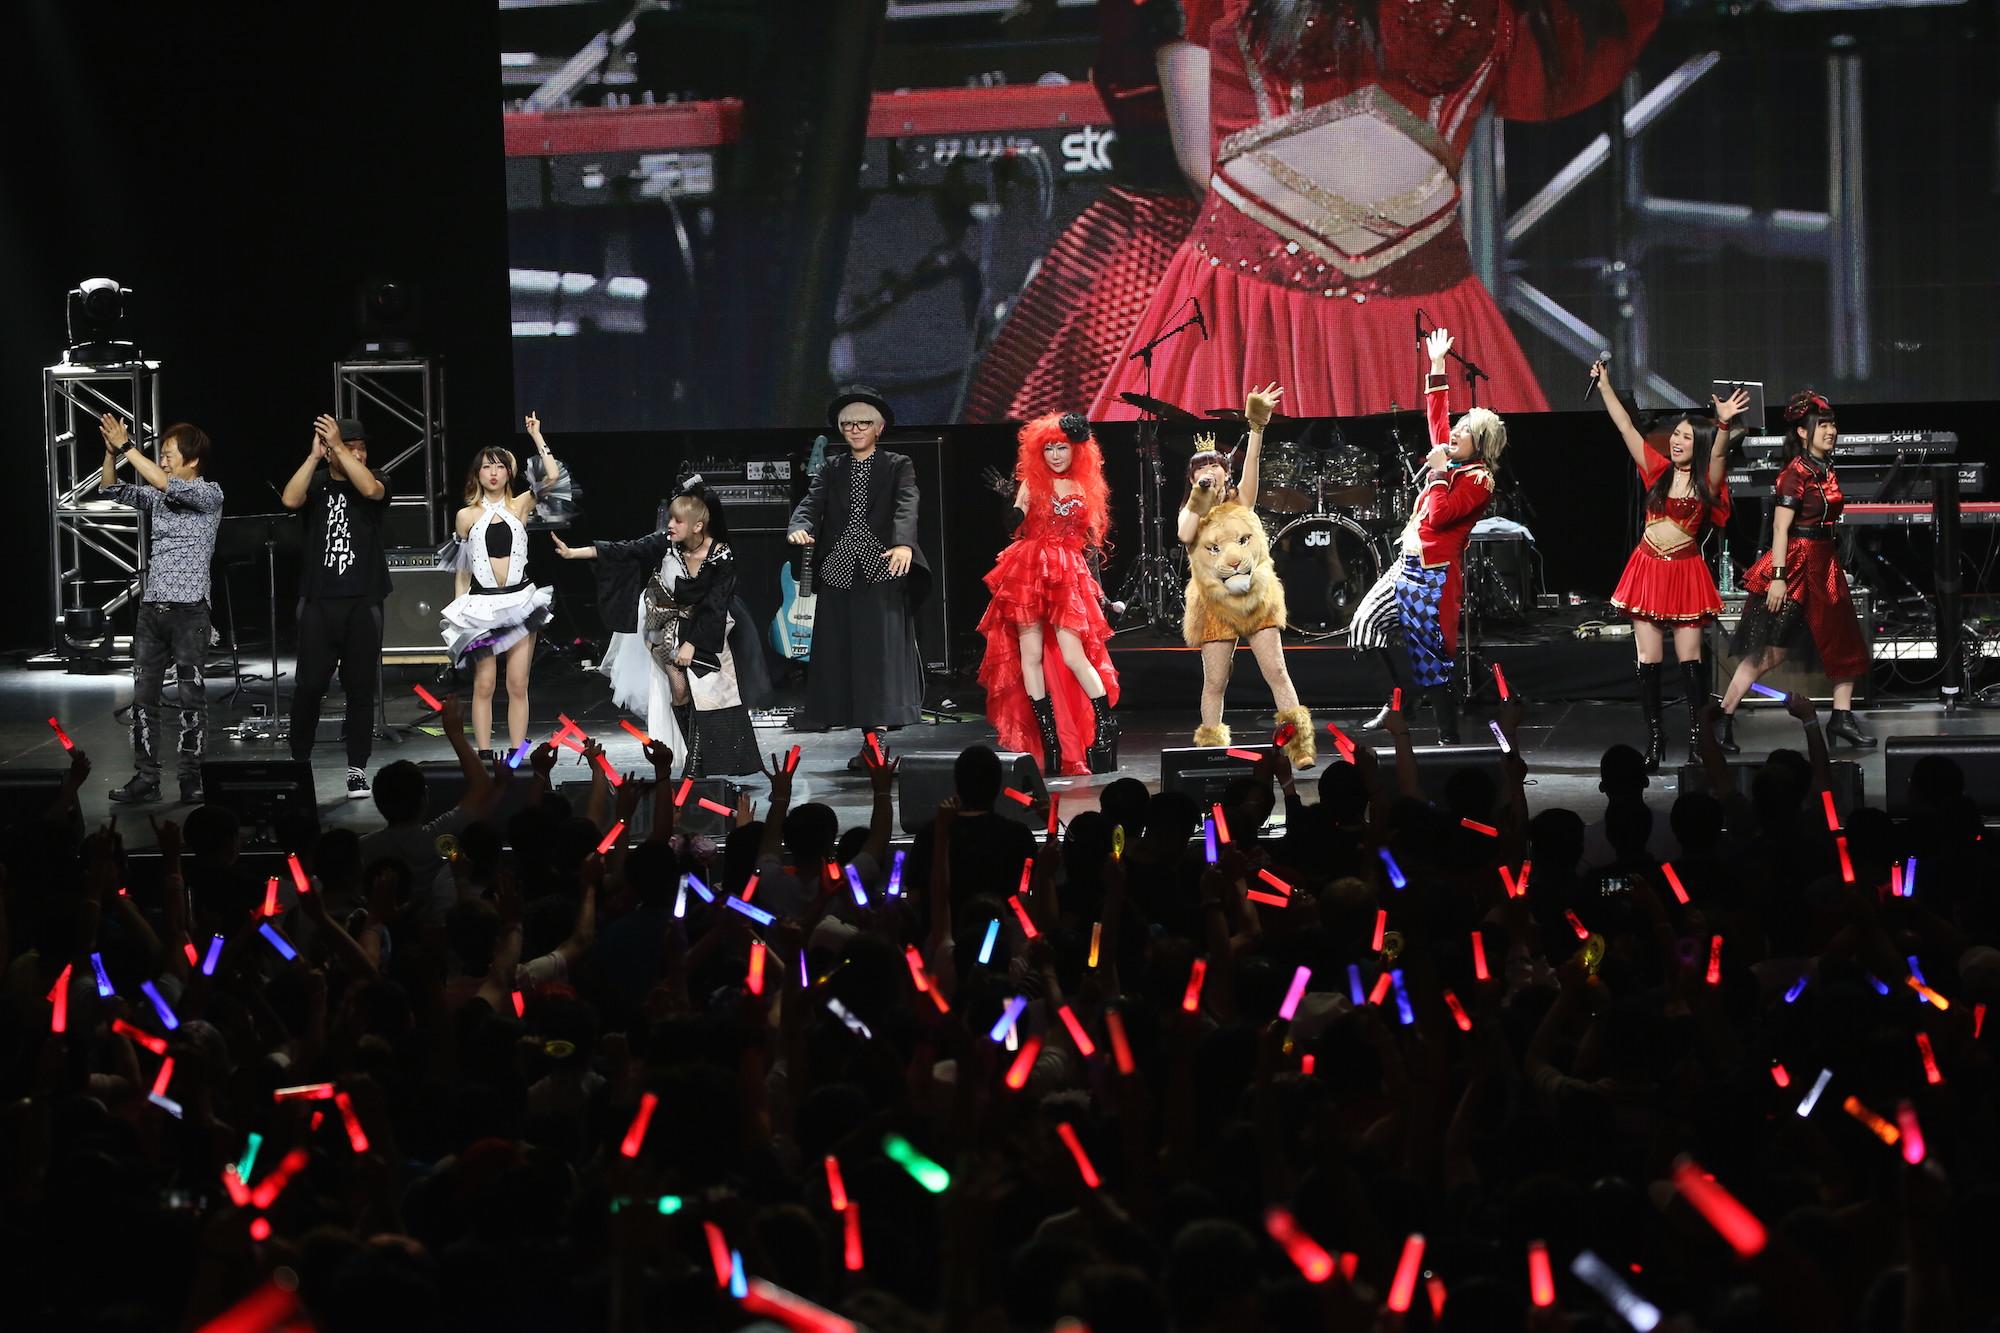 NekoPOP-AWMAX17-All-Japan-Super-Live-2017-07-01-4690